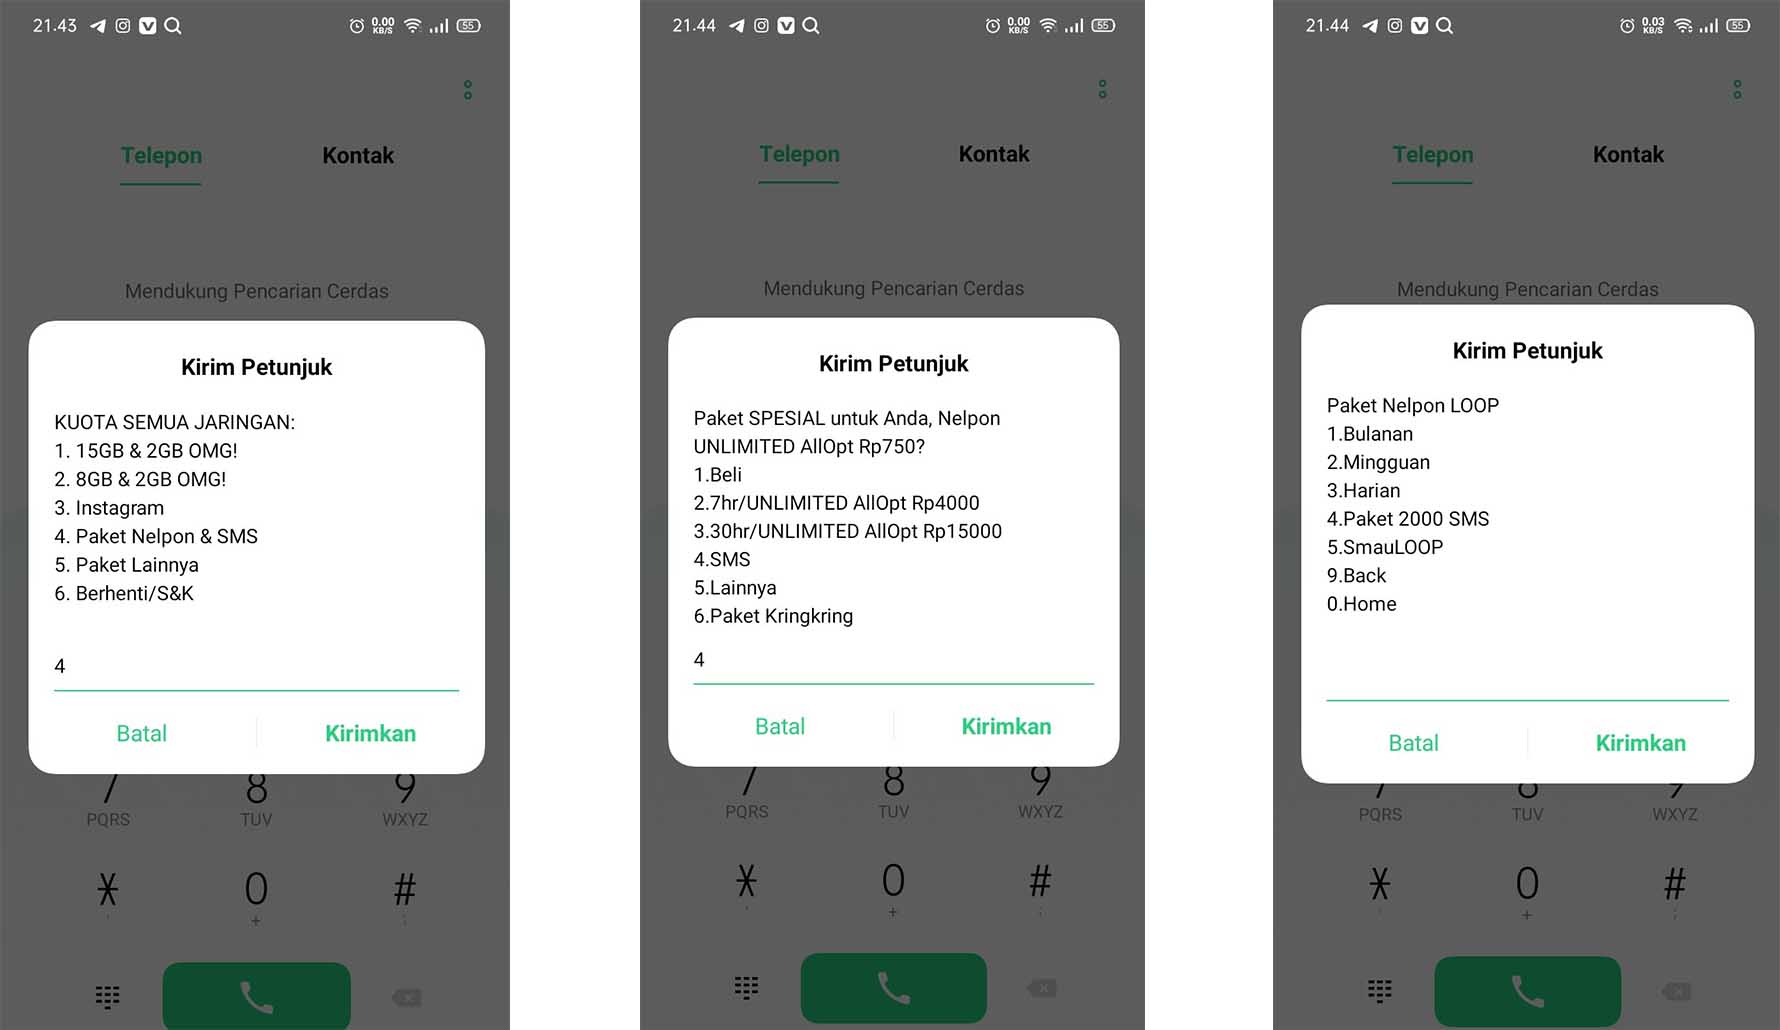 Cara Daftar Paket SMS Telkomsel Loop